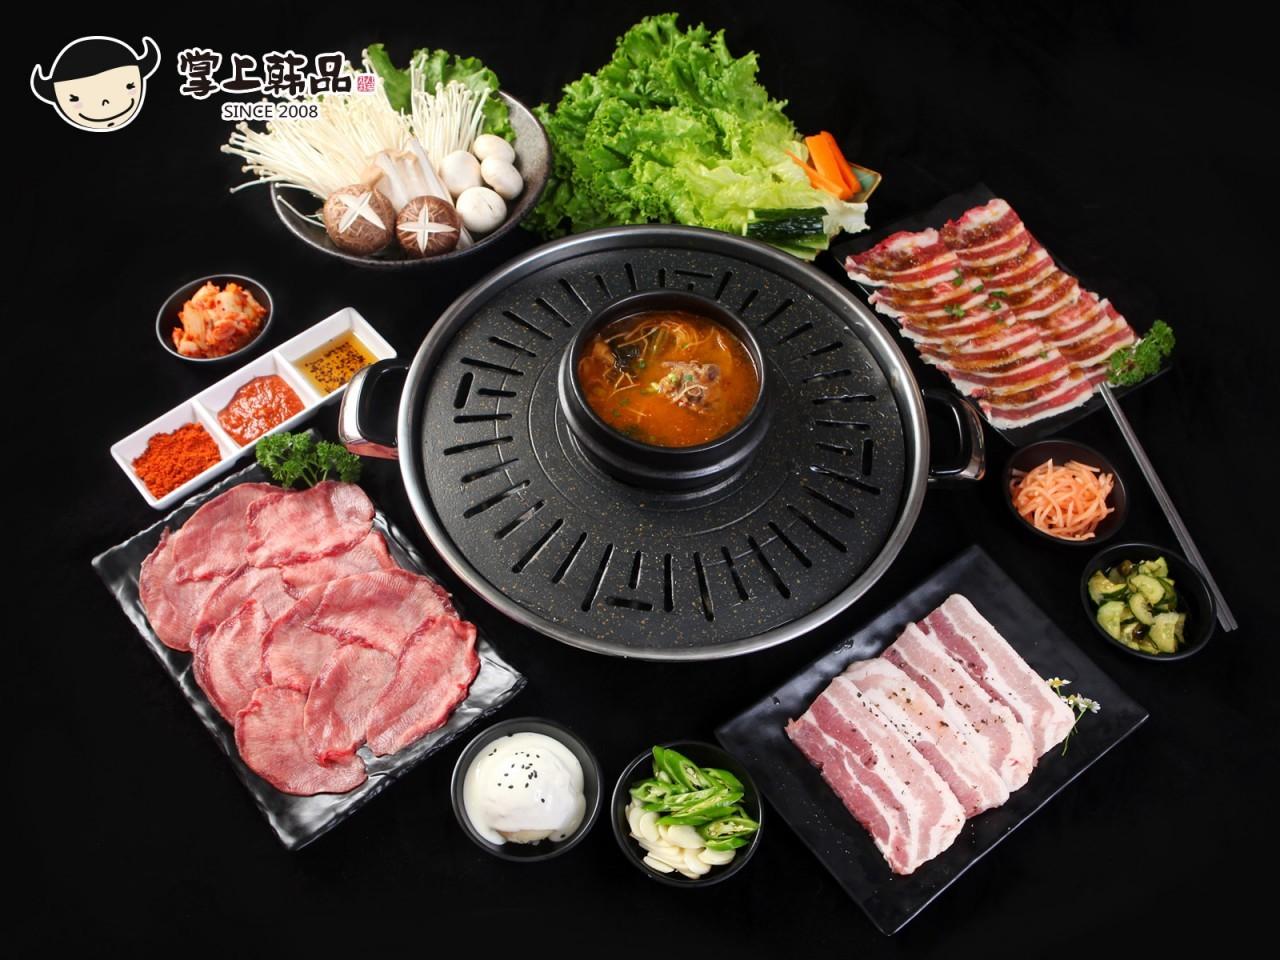 韩式酱汤烤肉霸霸餐.jpg